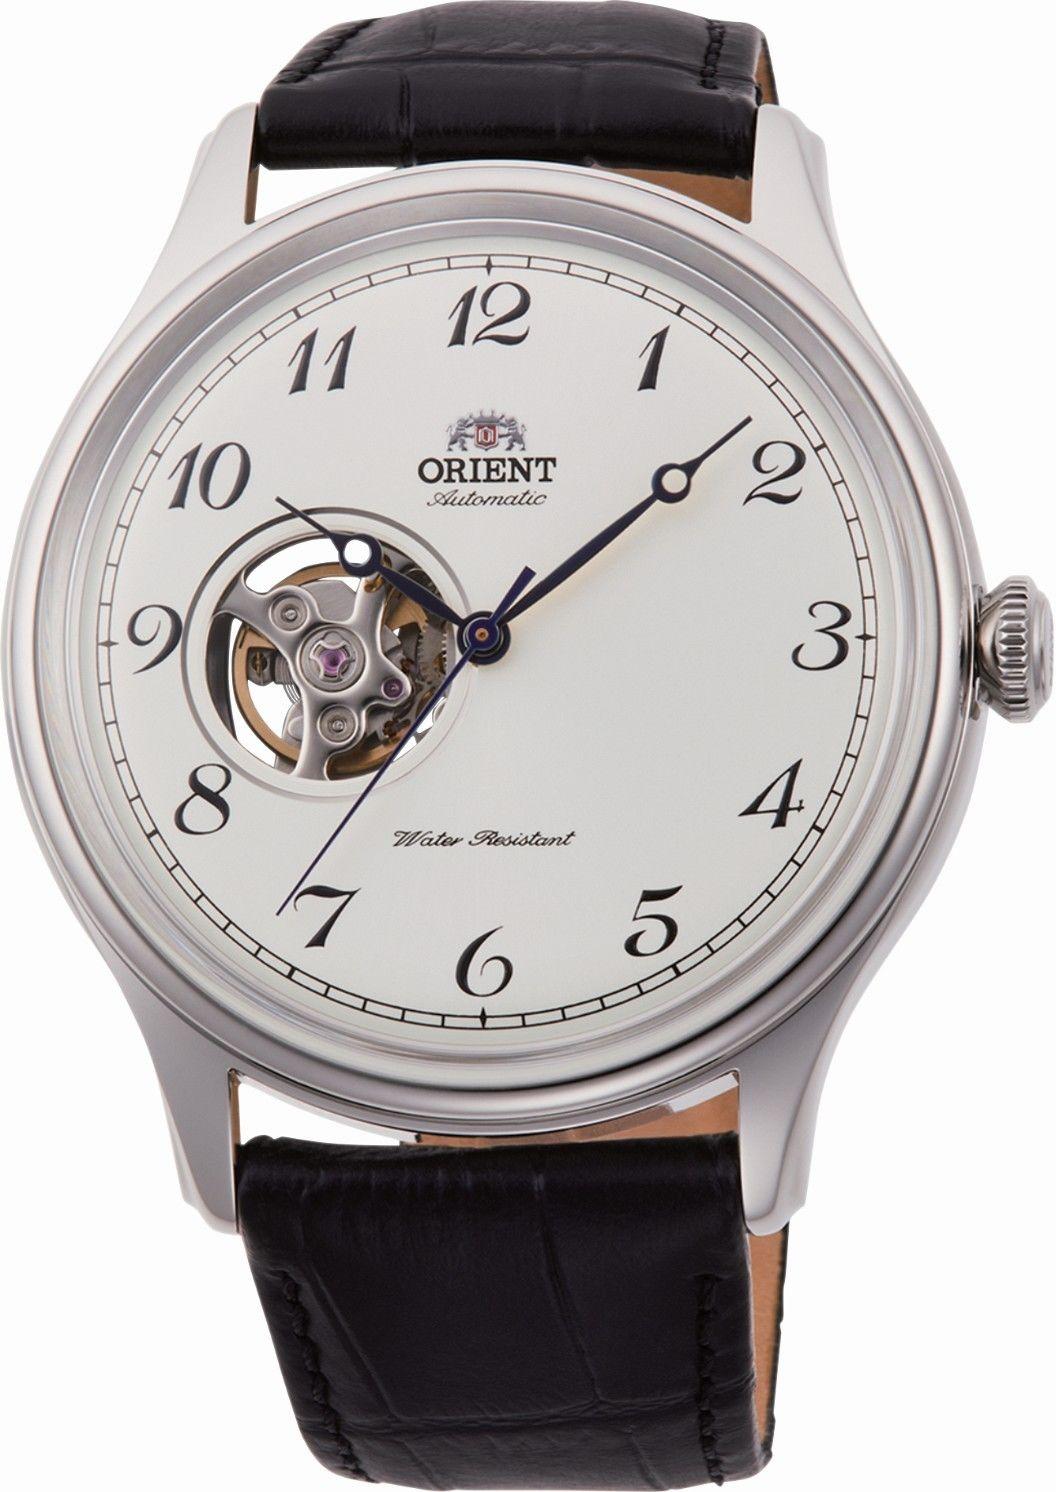 Zegarek Orient RA-AG0014S10B - CENA DO NEGOCJACJI - DOSTAWA DHL GRATIS, KUPUJ BEZ RYZYKA - 100 dni na zwrot, możliwość wygrawerowania dowolnego tekstu.